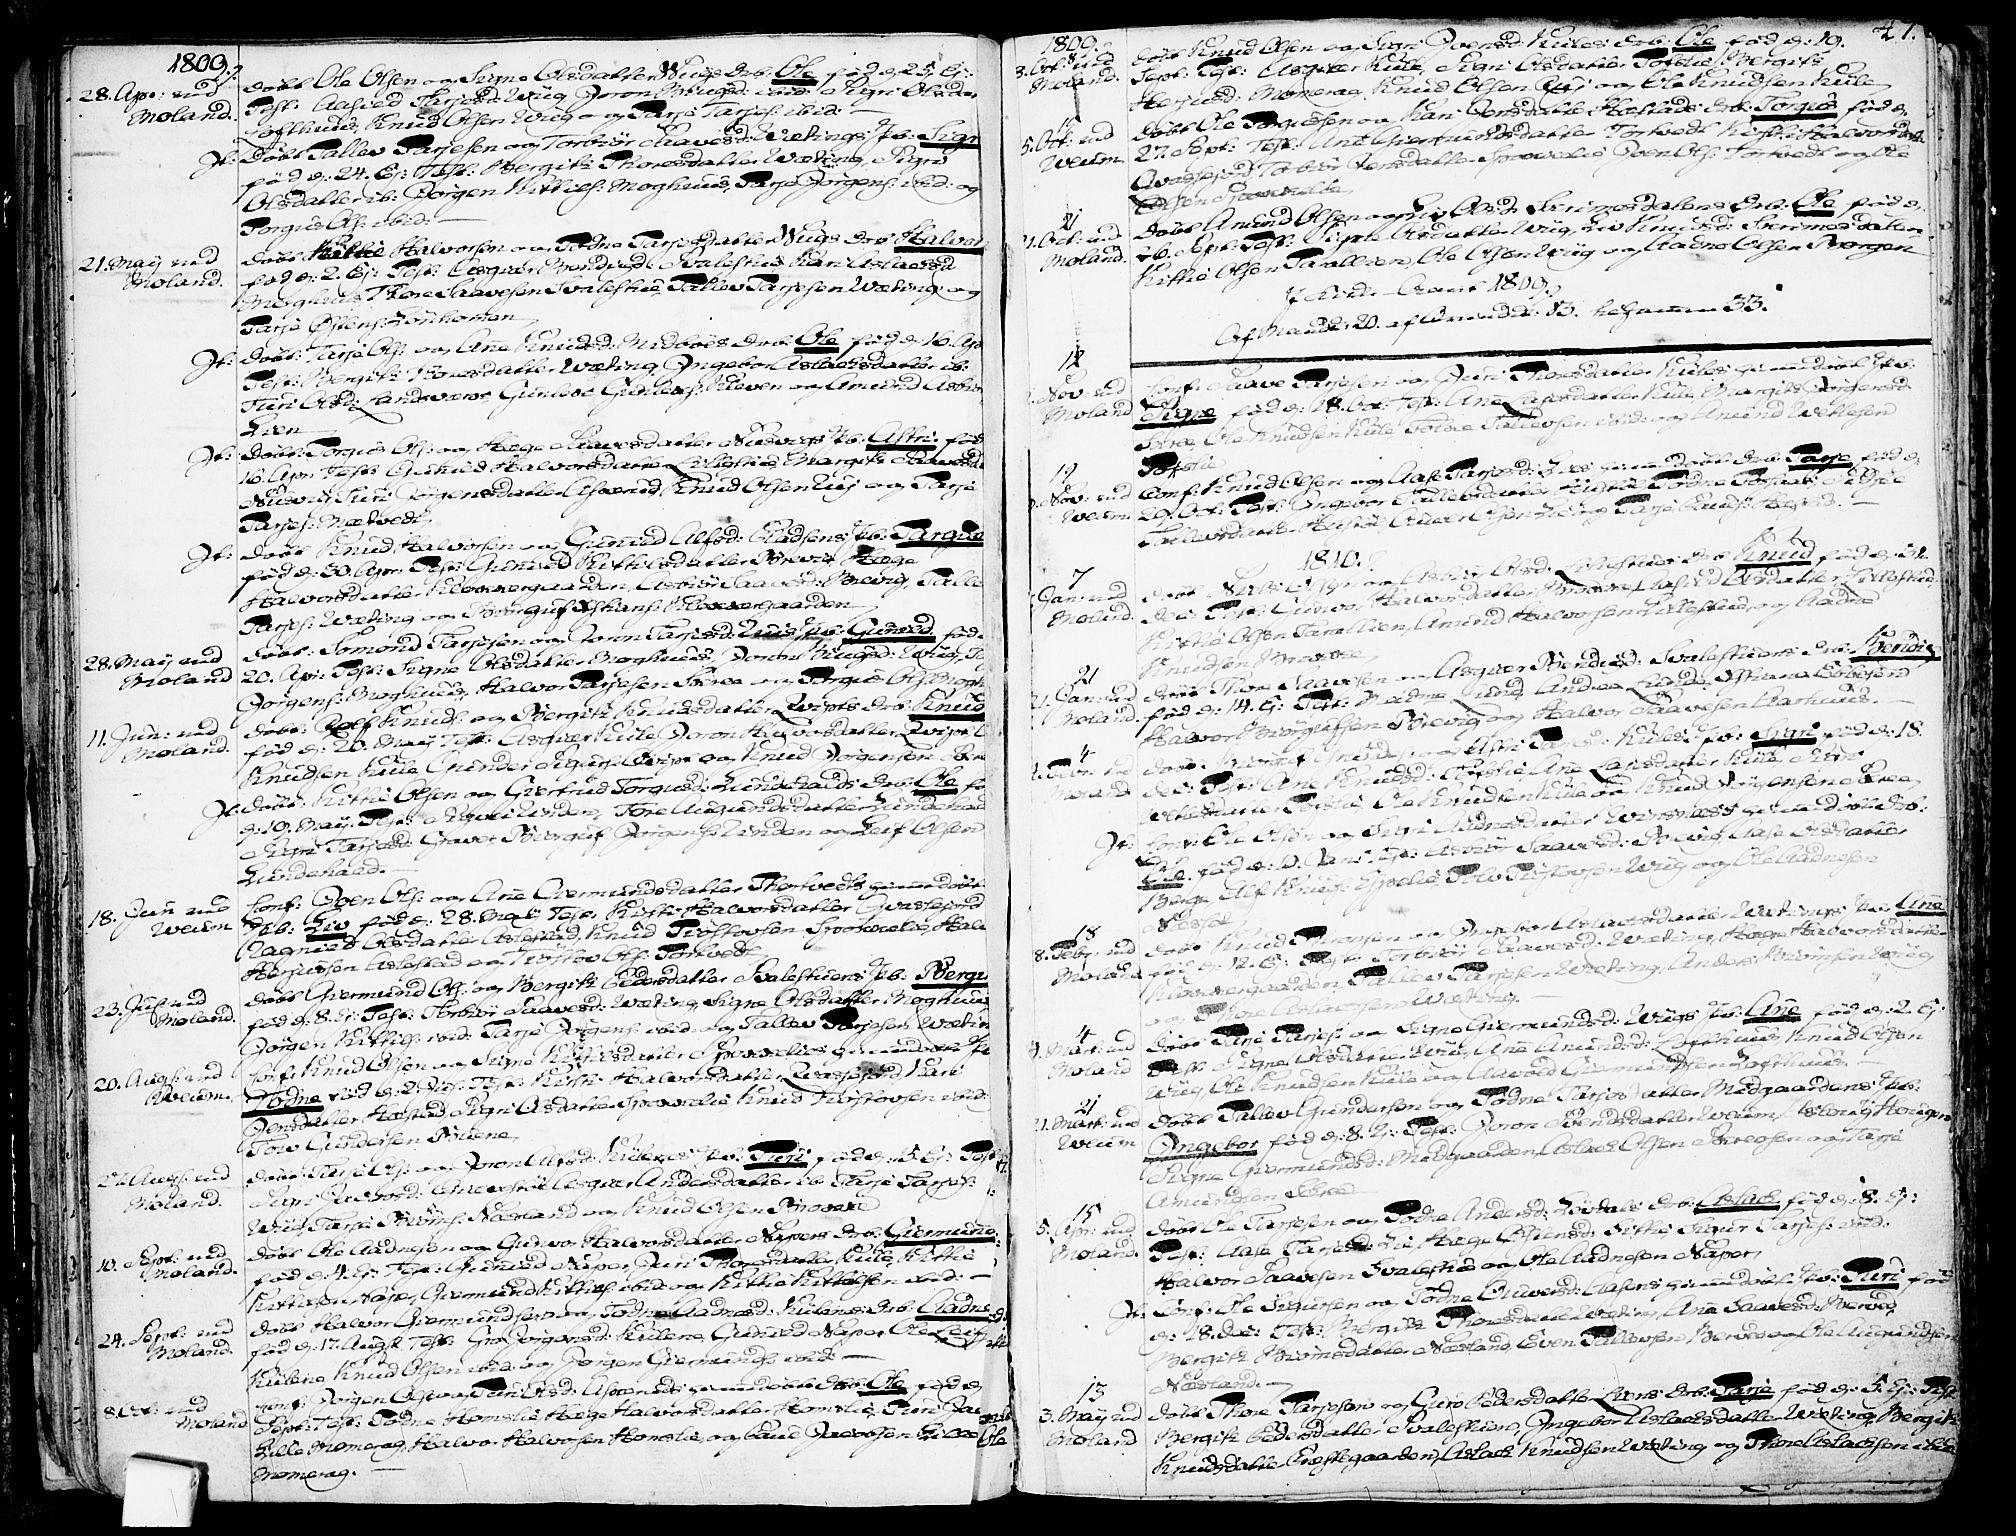 SAKO, Fyresdal kirkebøker, F/Fa/L0002: Ministerialbok nr. I 2, 1769-1814, s. 47